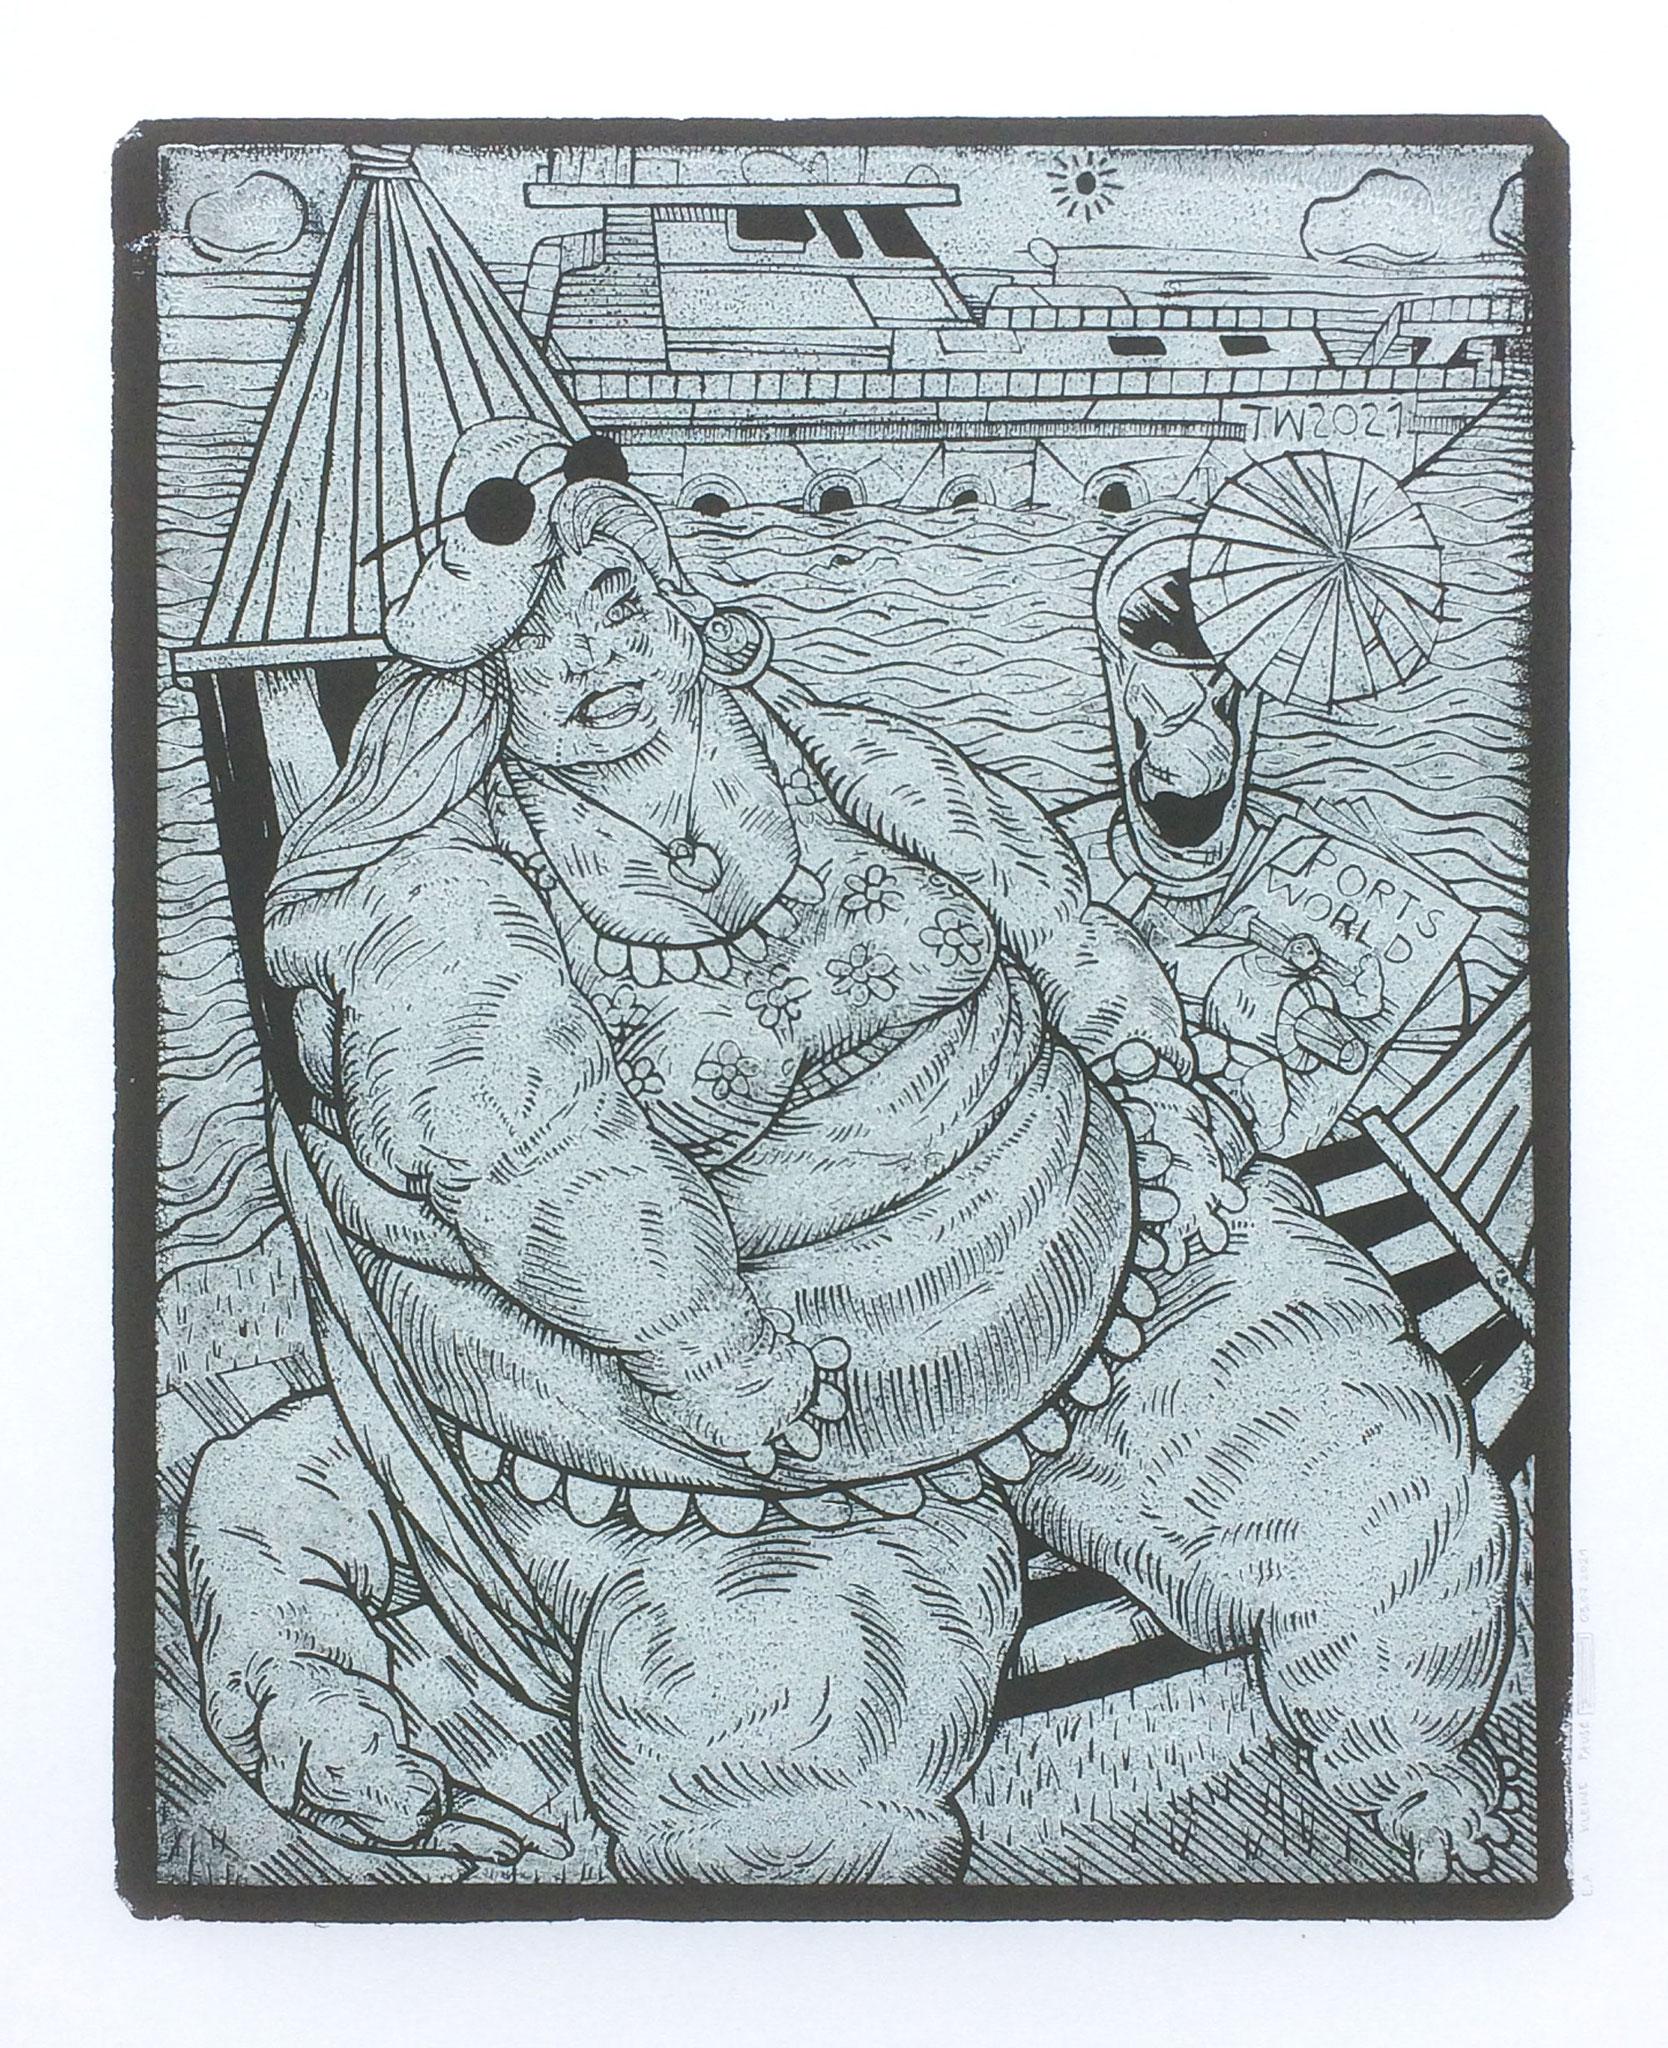 Kleine Pause, Linoldruck, 38 x 47 cm